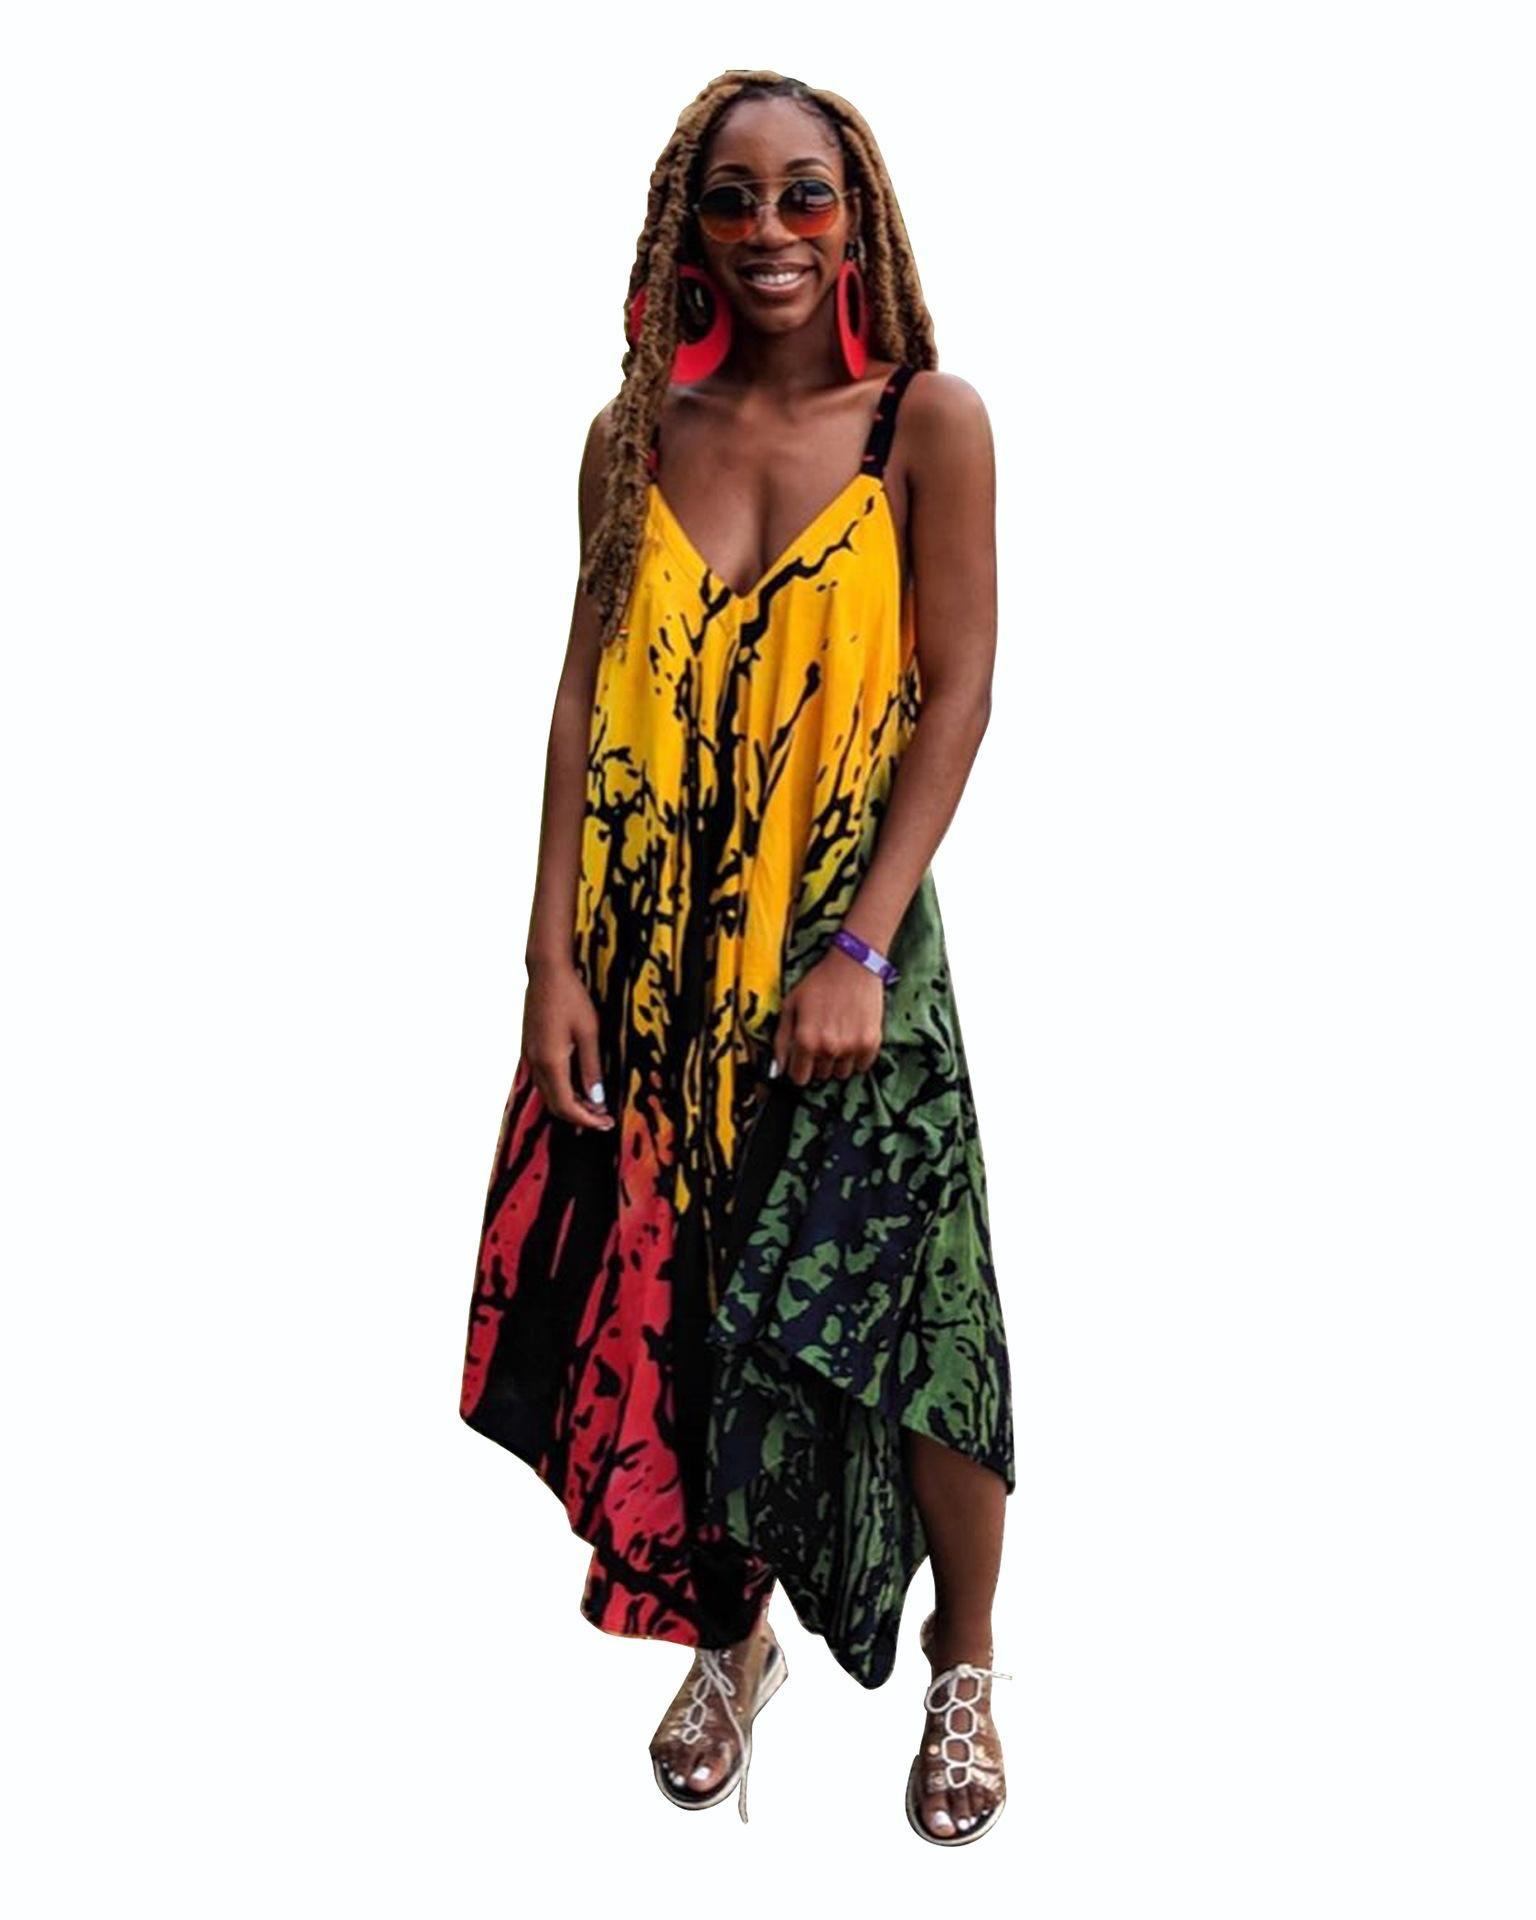 Kadın Yaz Tulumlar V Yaka Kolsuz Sling Kadın Elbise Çiçek Baskı Moda Stil Gündelik Giyim